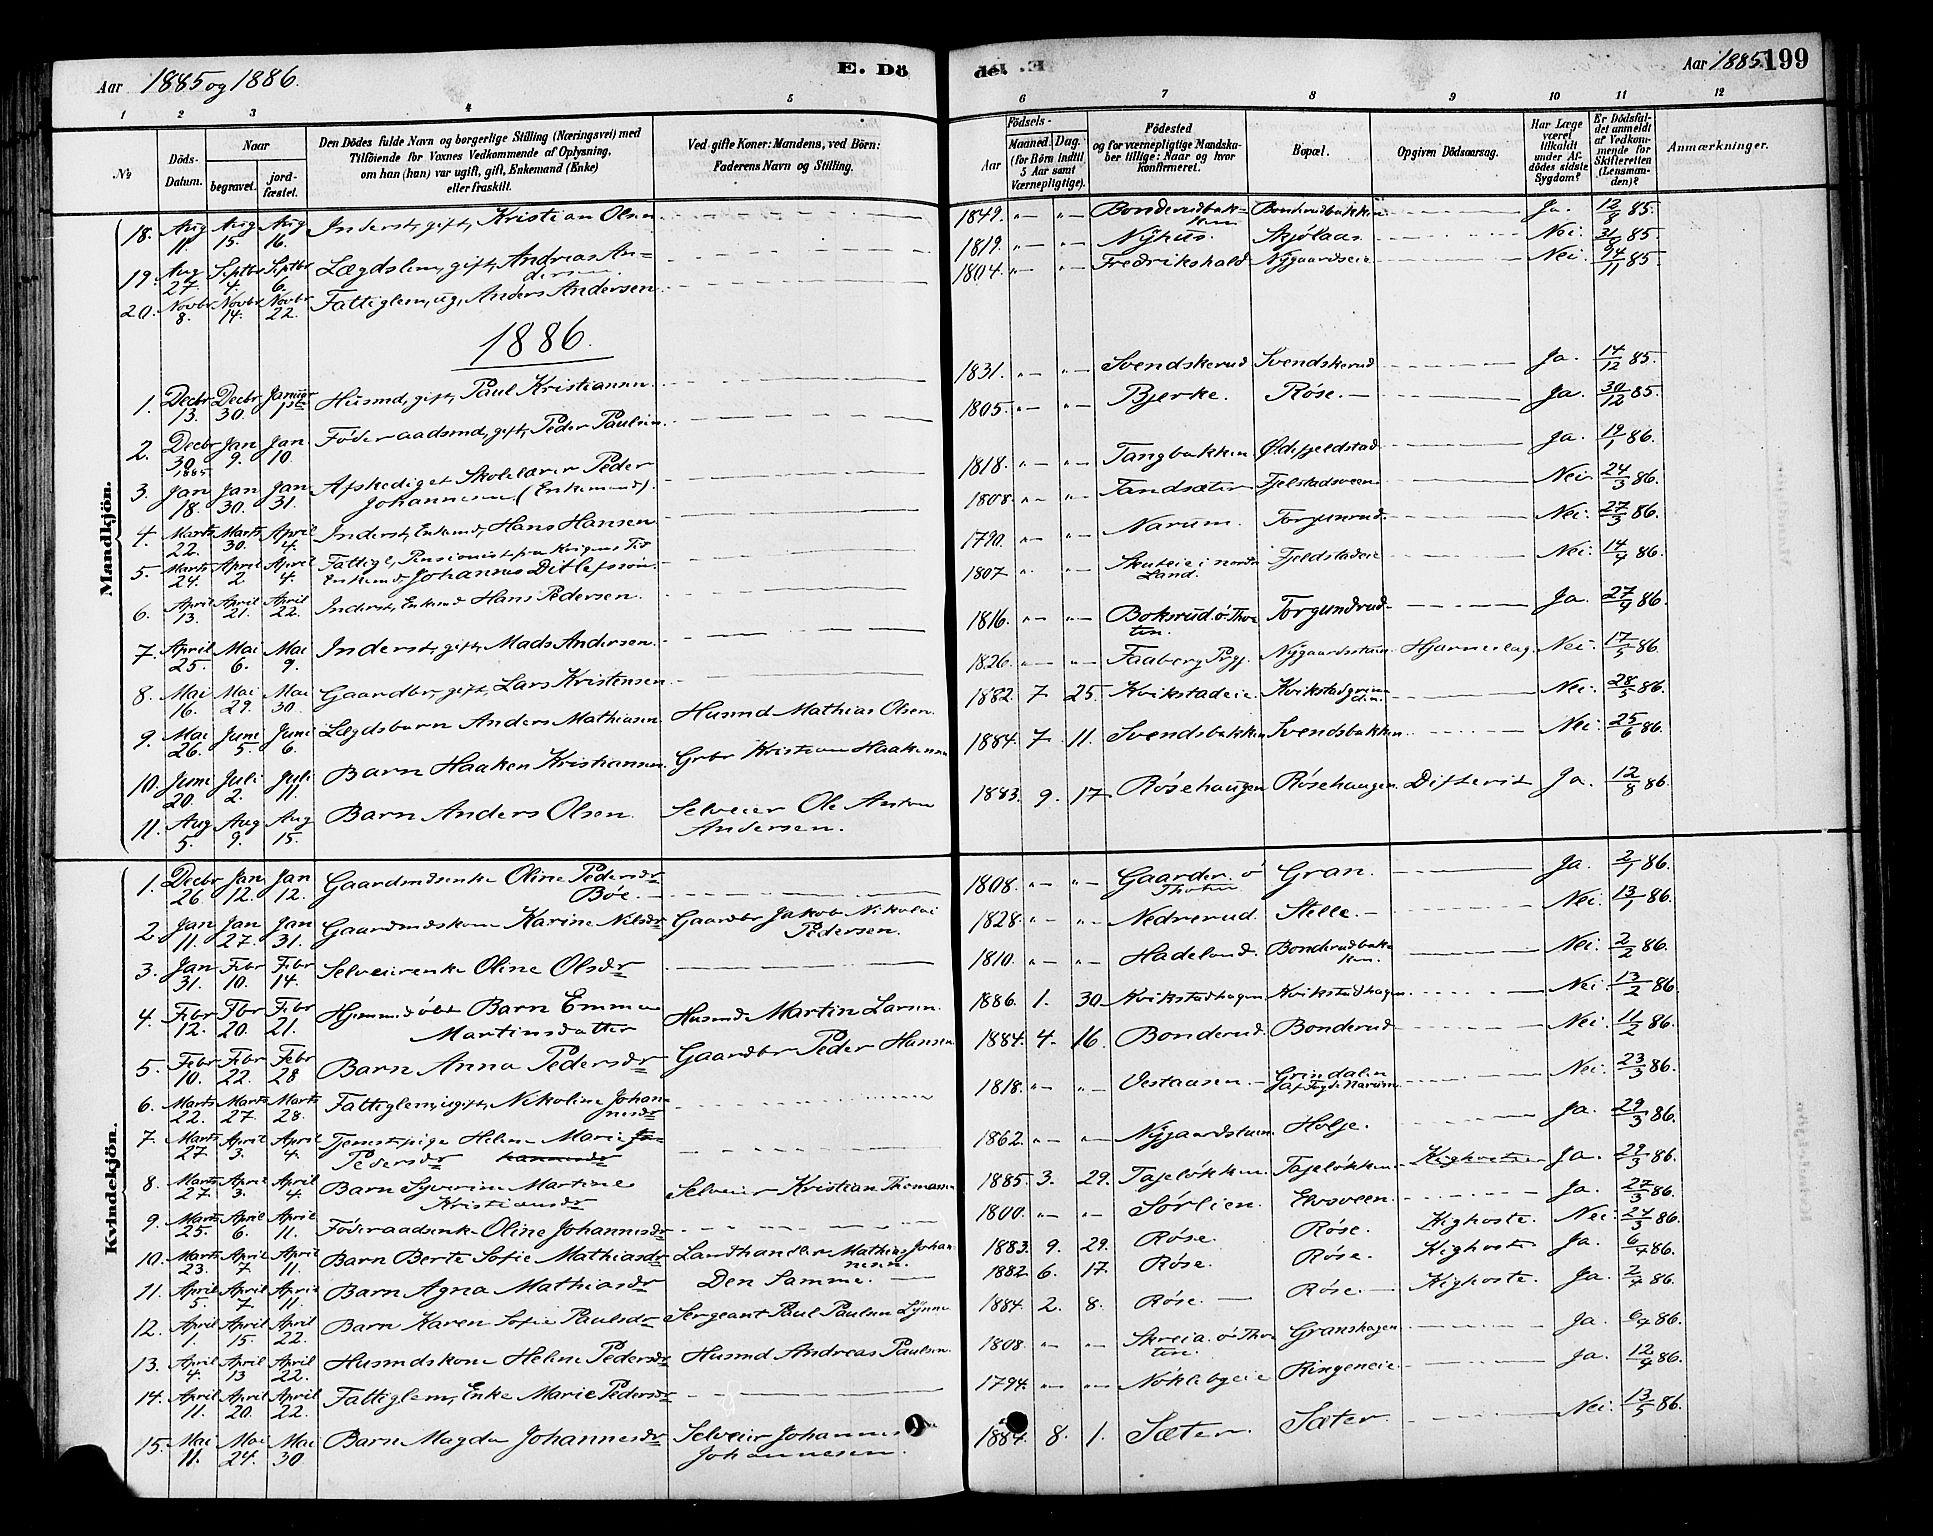 SAH, Vestre Toten prestekontor, Ministerialbok nr. 10, 1878-1894, s. 199